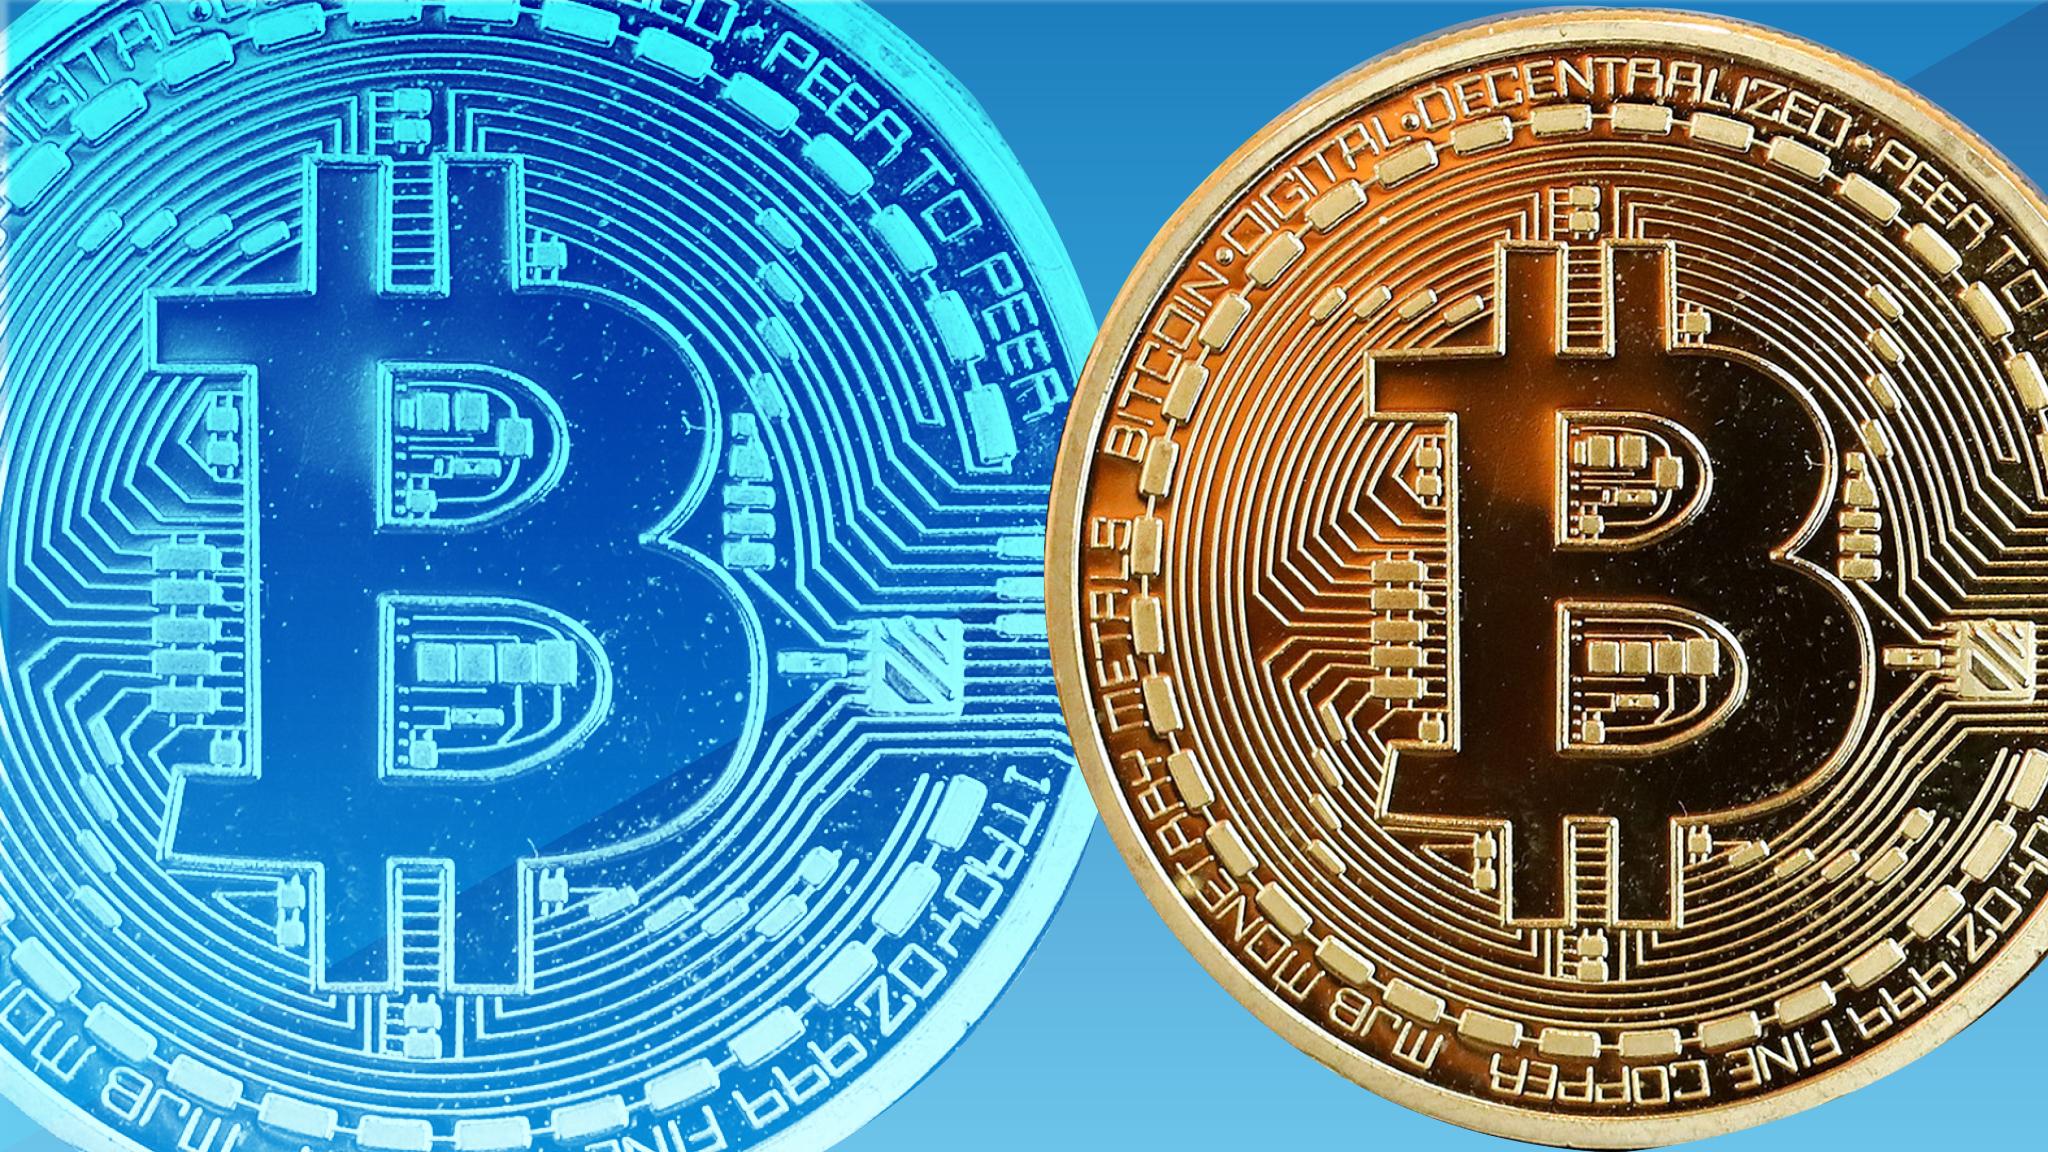 Chinese regulators move to shutter bitcoin mines